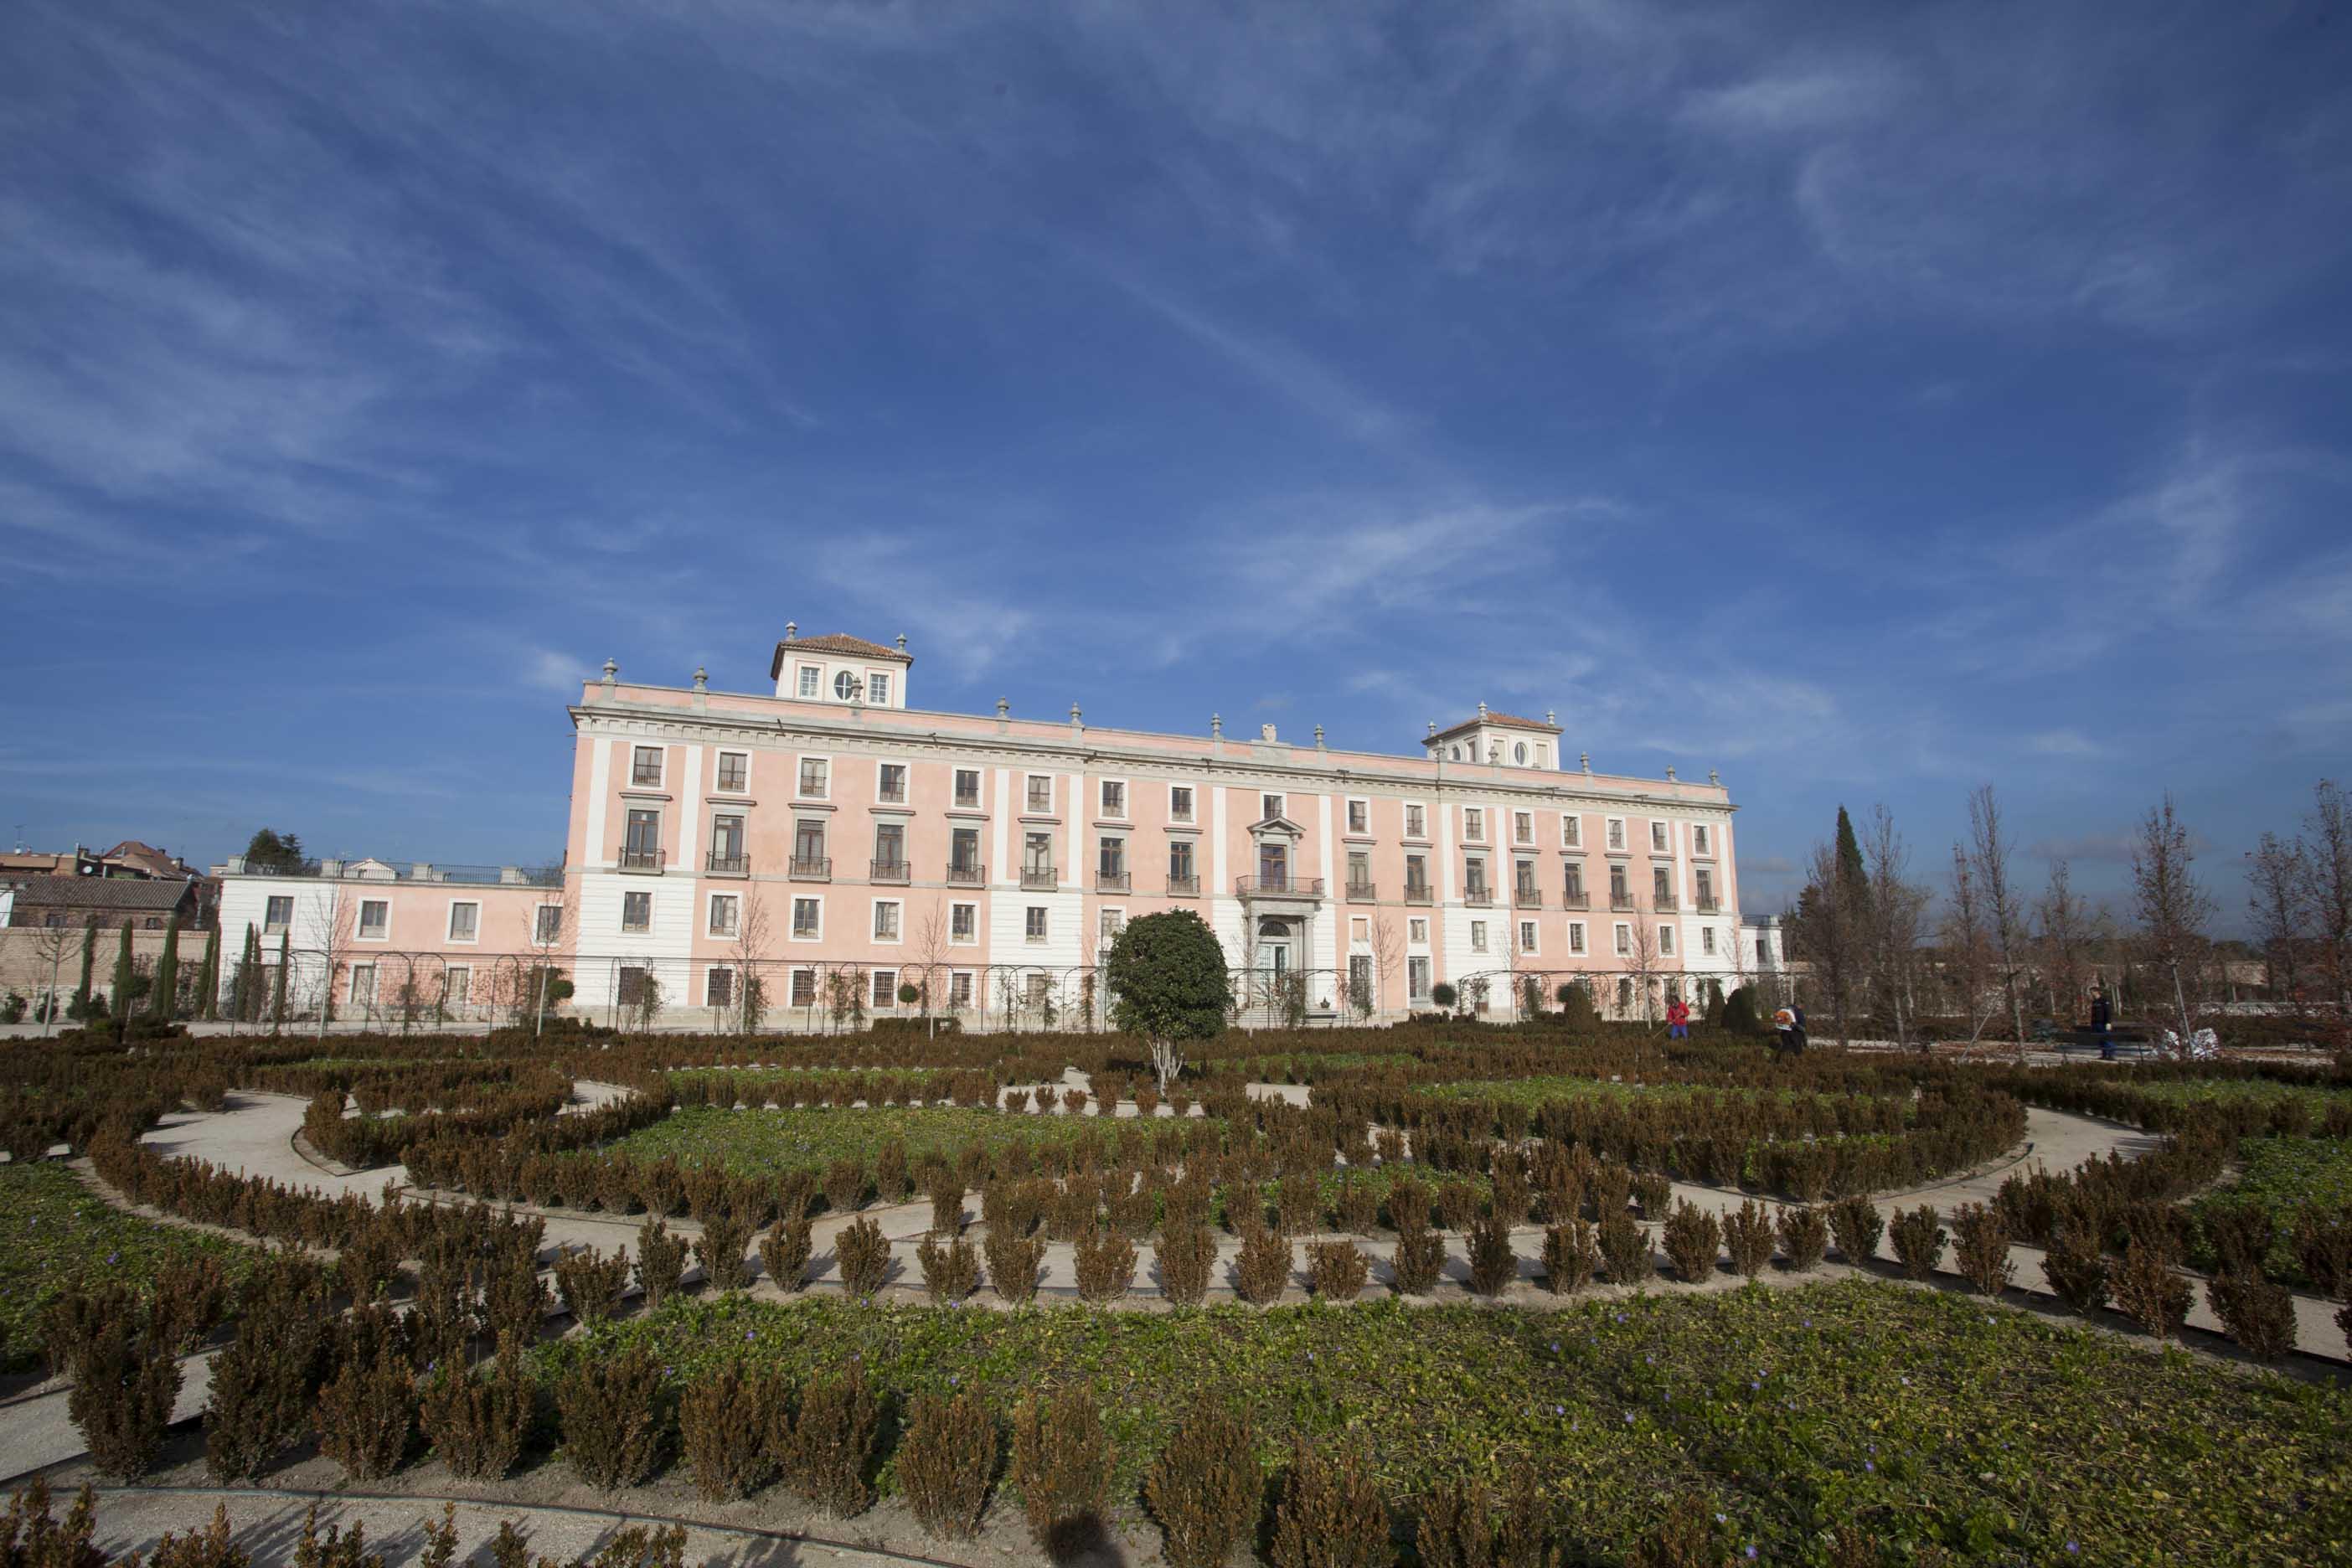 Veinte mil personas han visitado ya el Palacio del Infante D. Luis en Boadilla